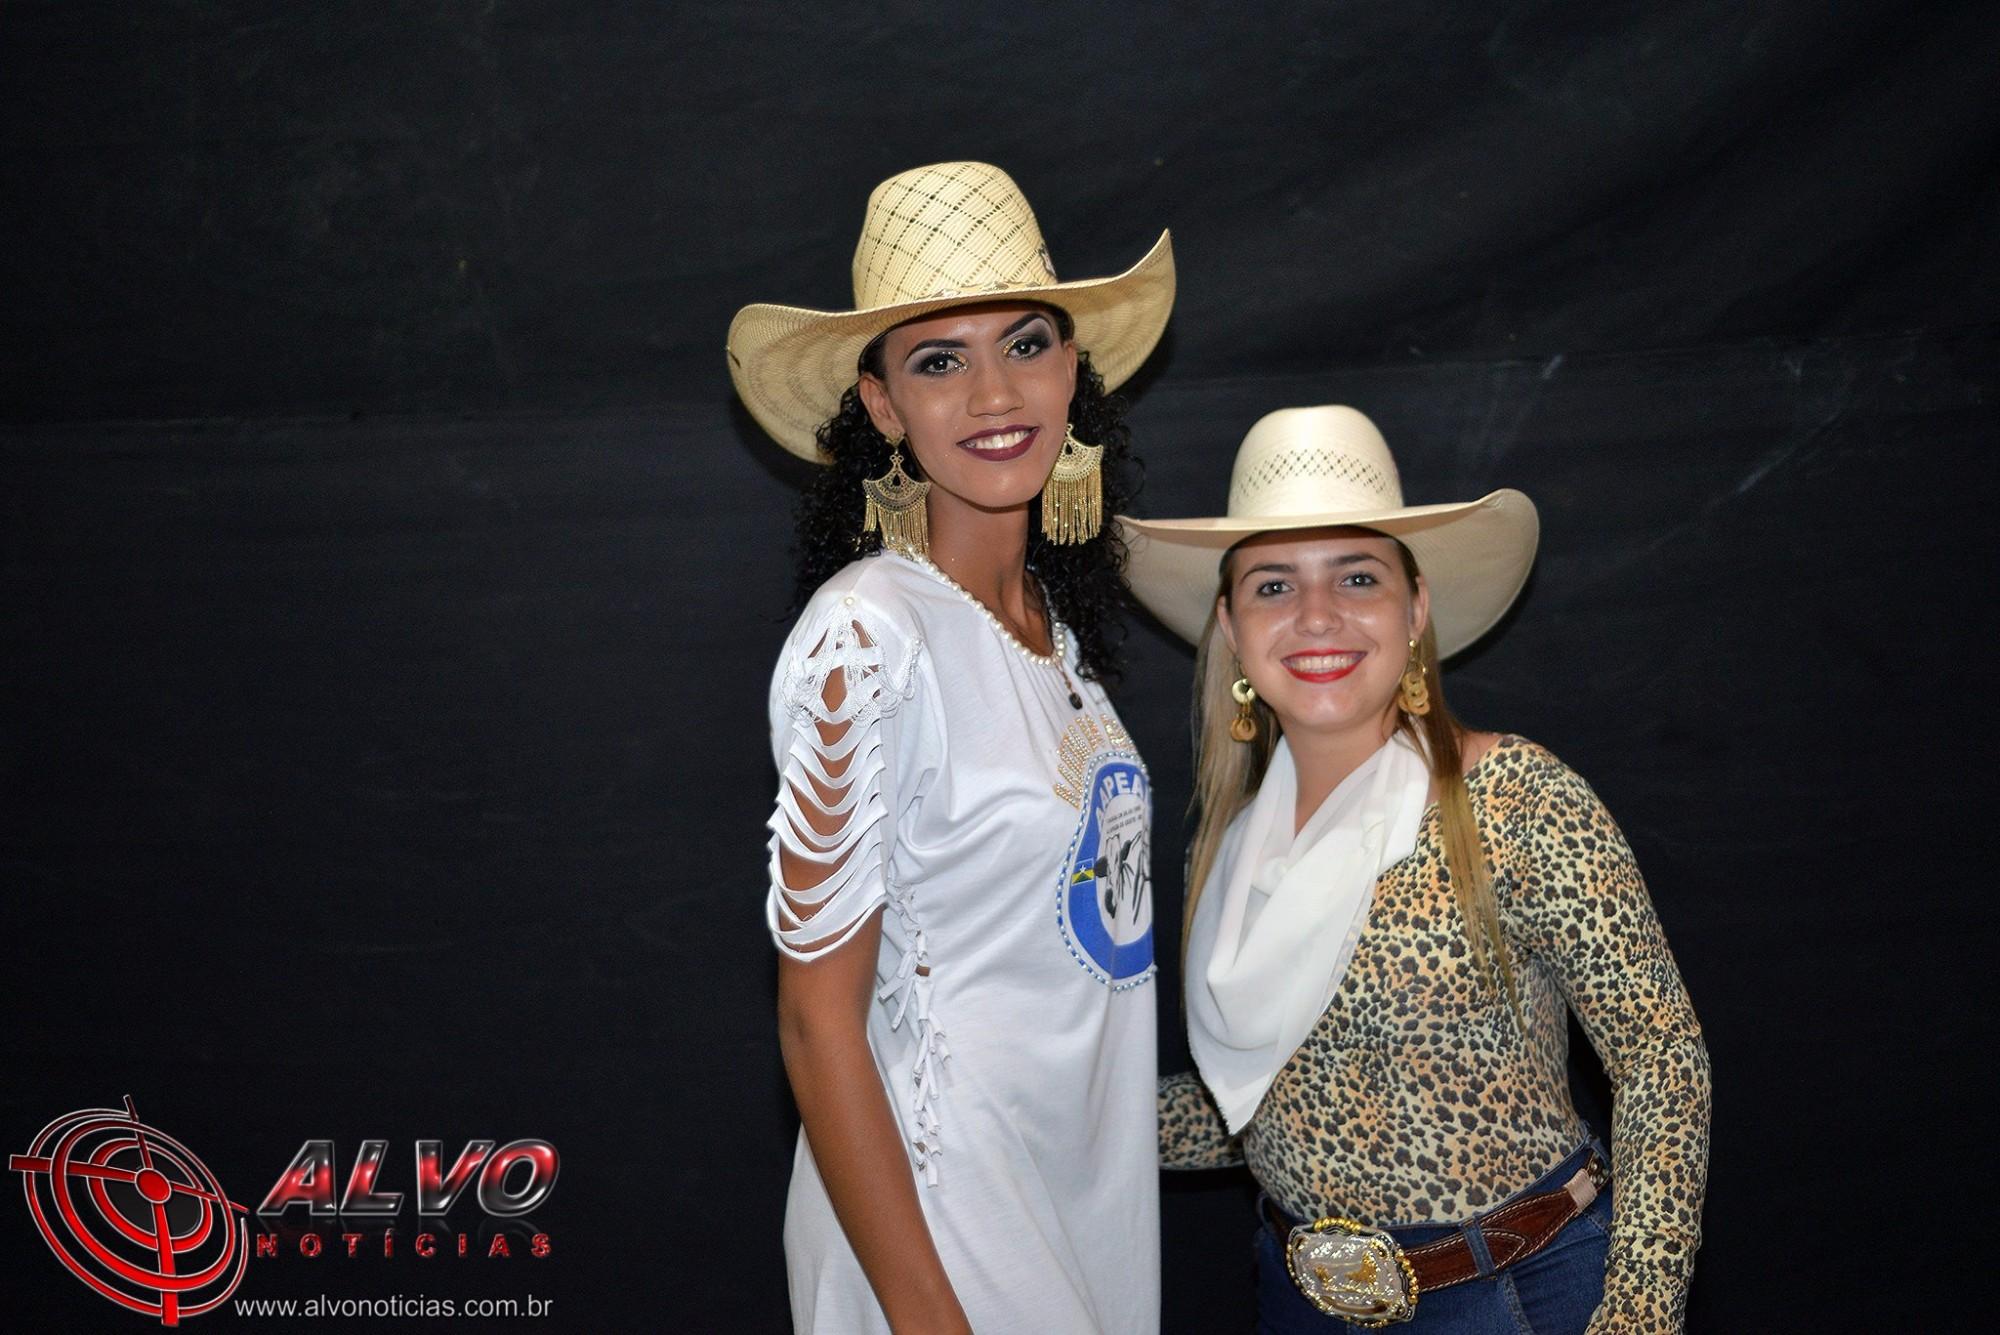 Baile da Rainha - EXPOALVO 2017